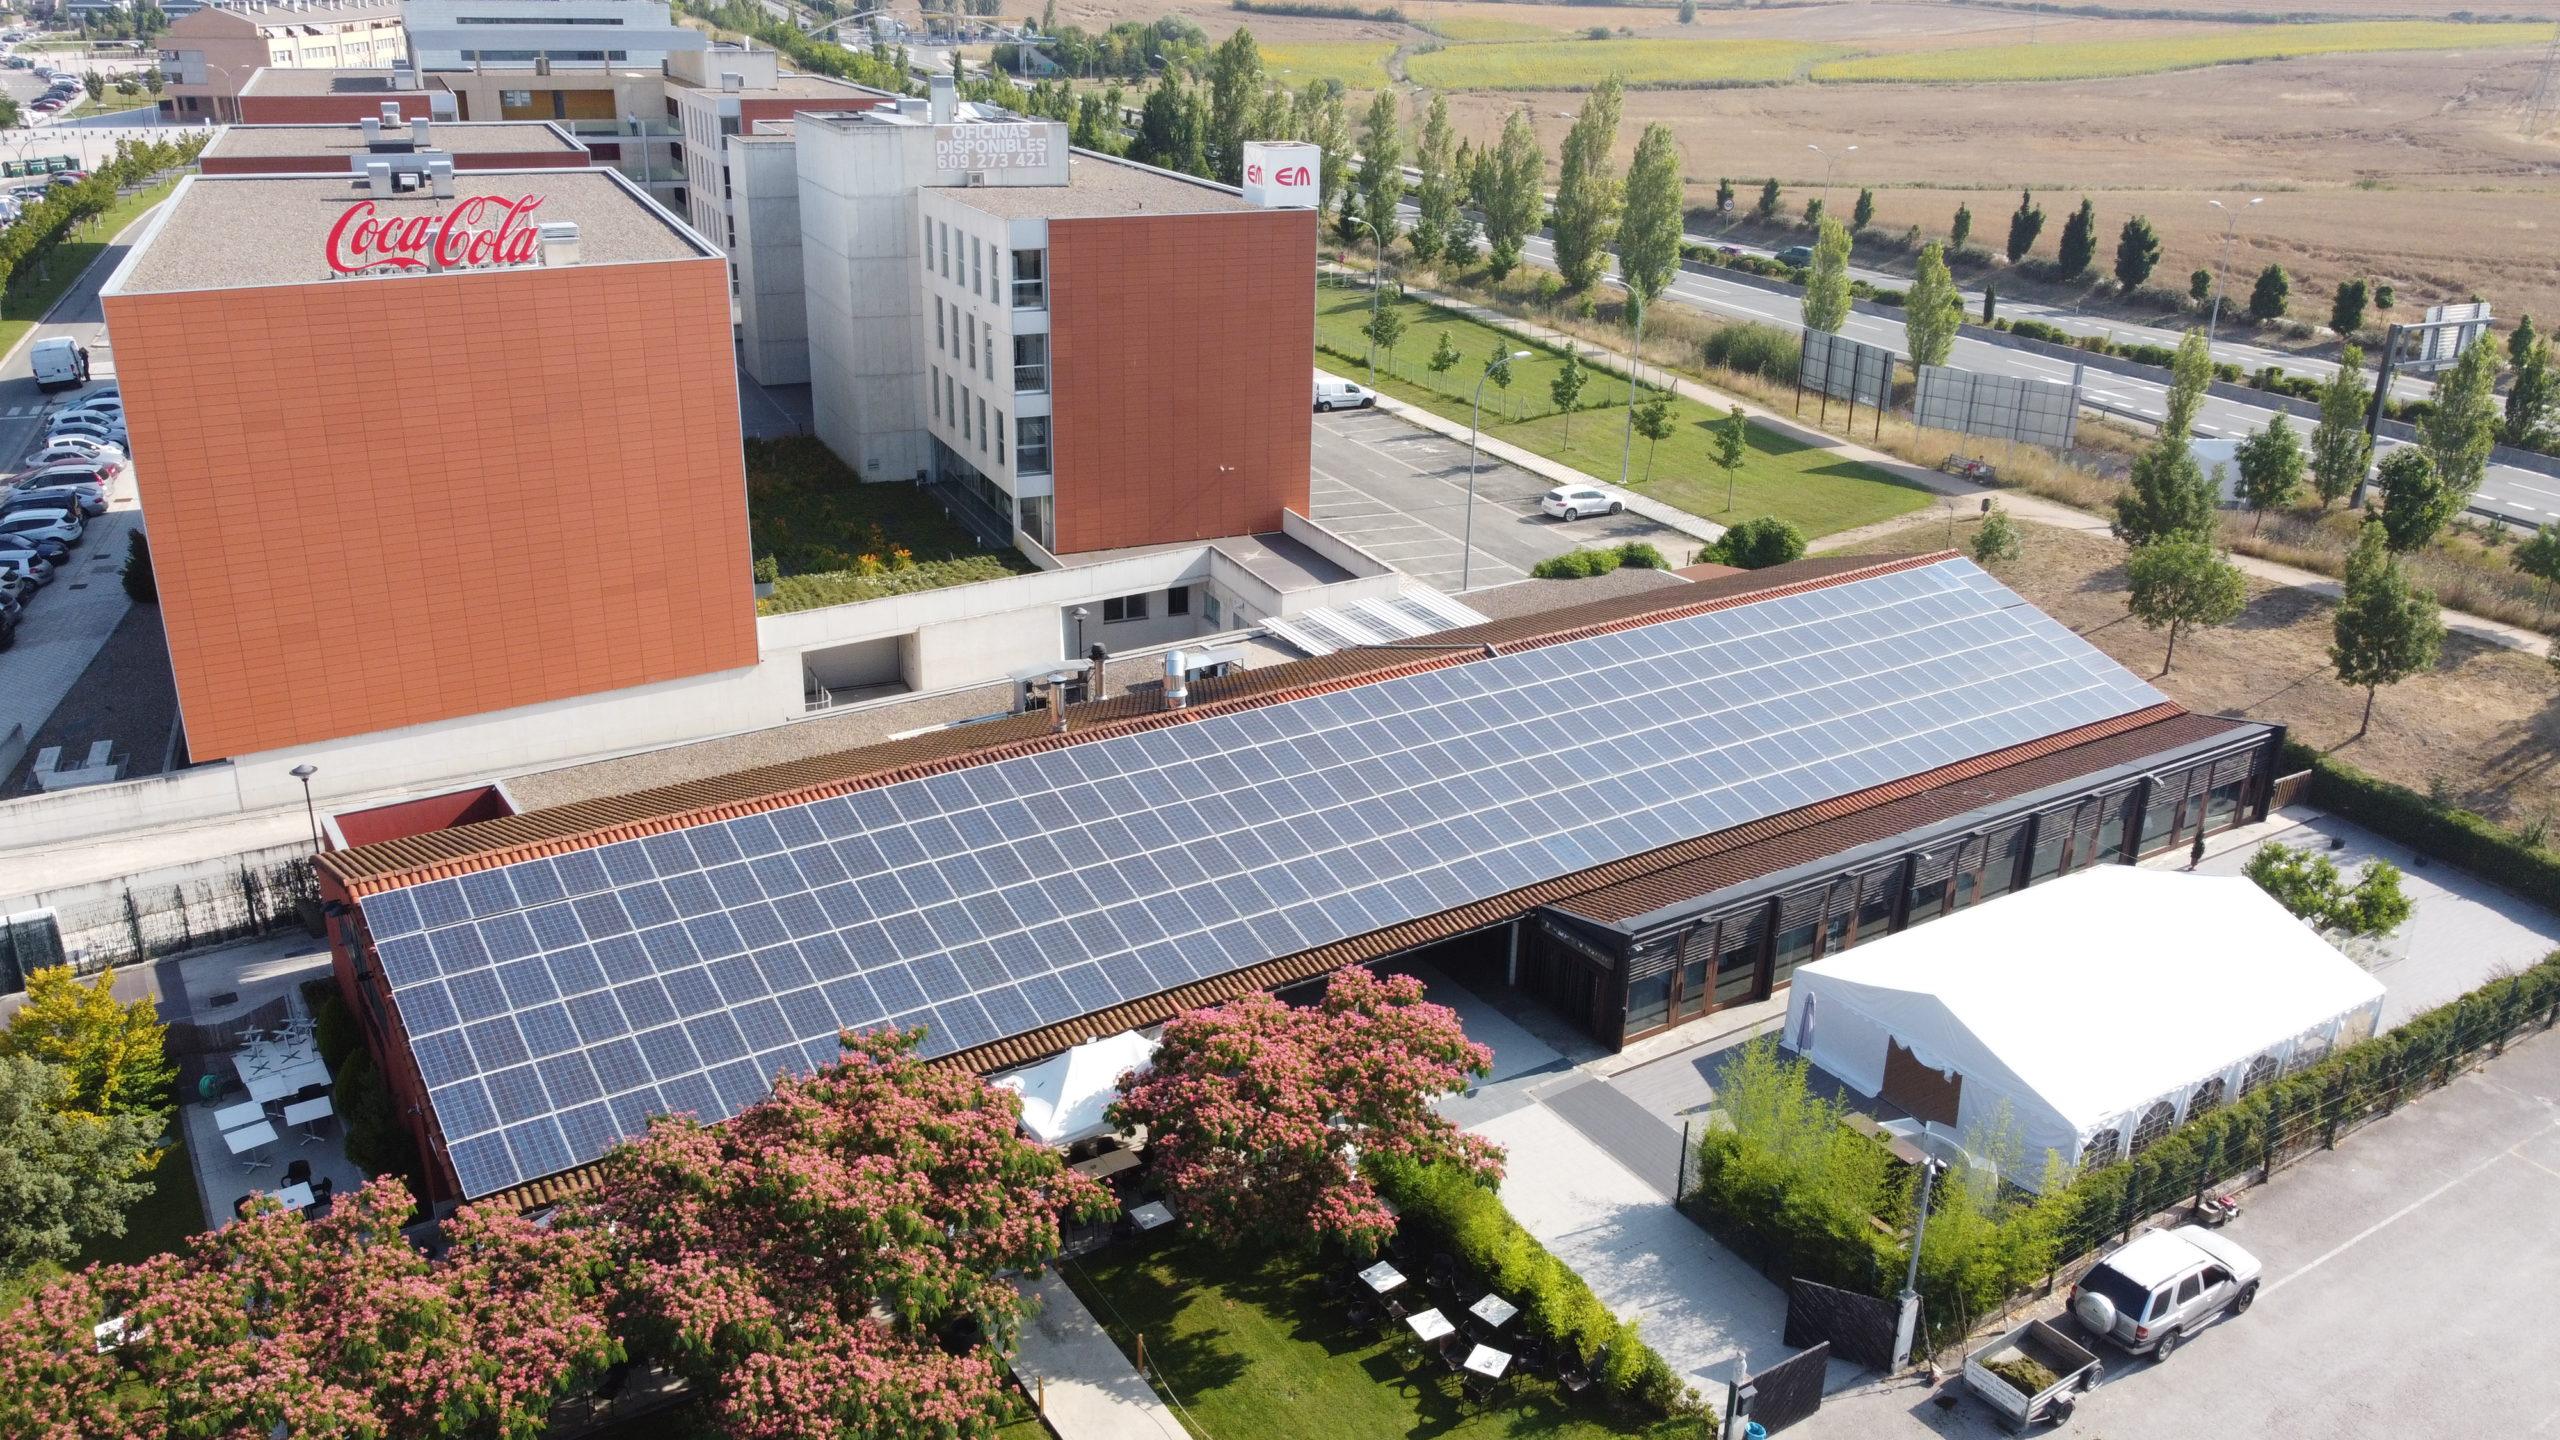 660 millones de euros en ayudas para el autoconsumo, climatización renovable y almacenamiento energético en el sector residencial (RD 477/2021)